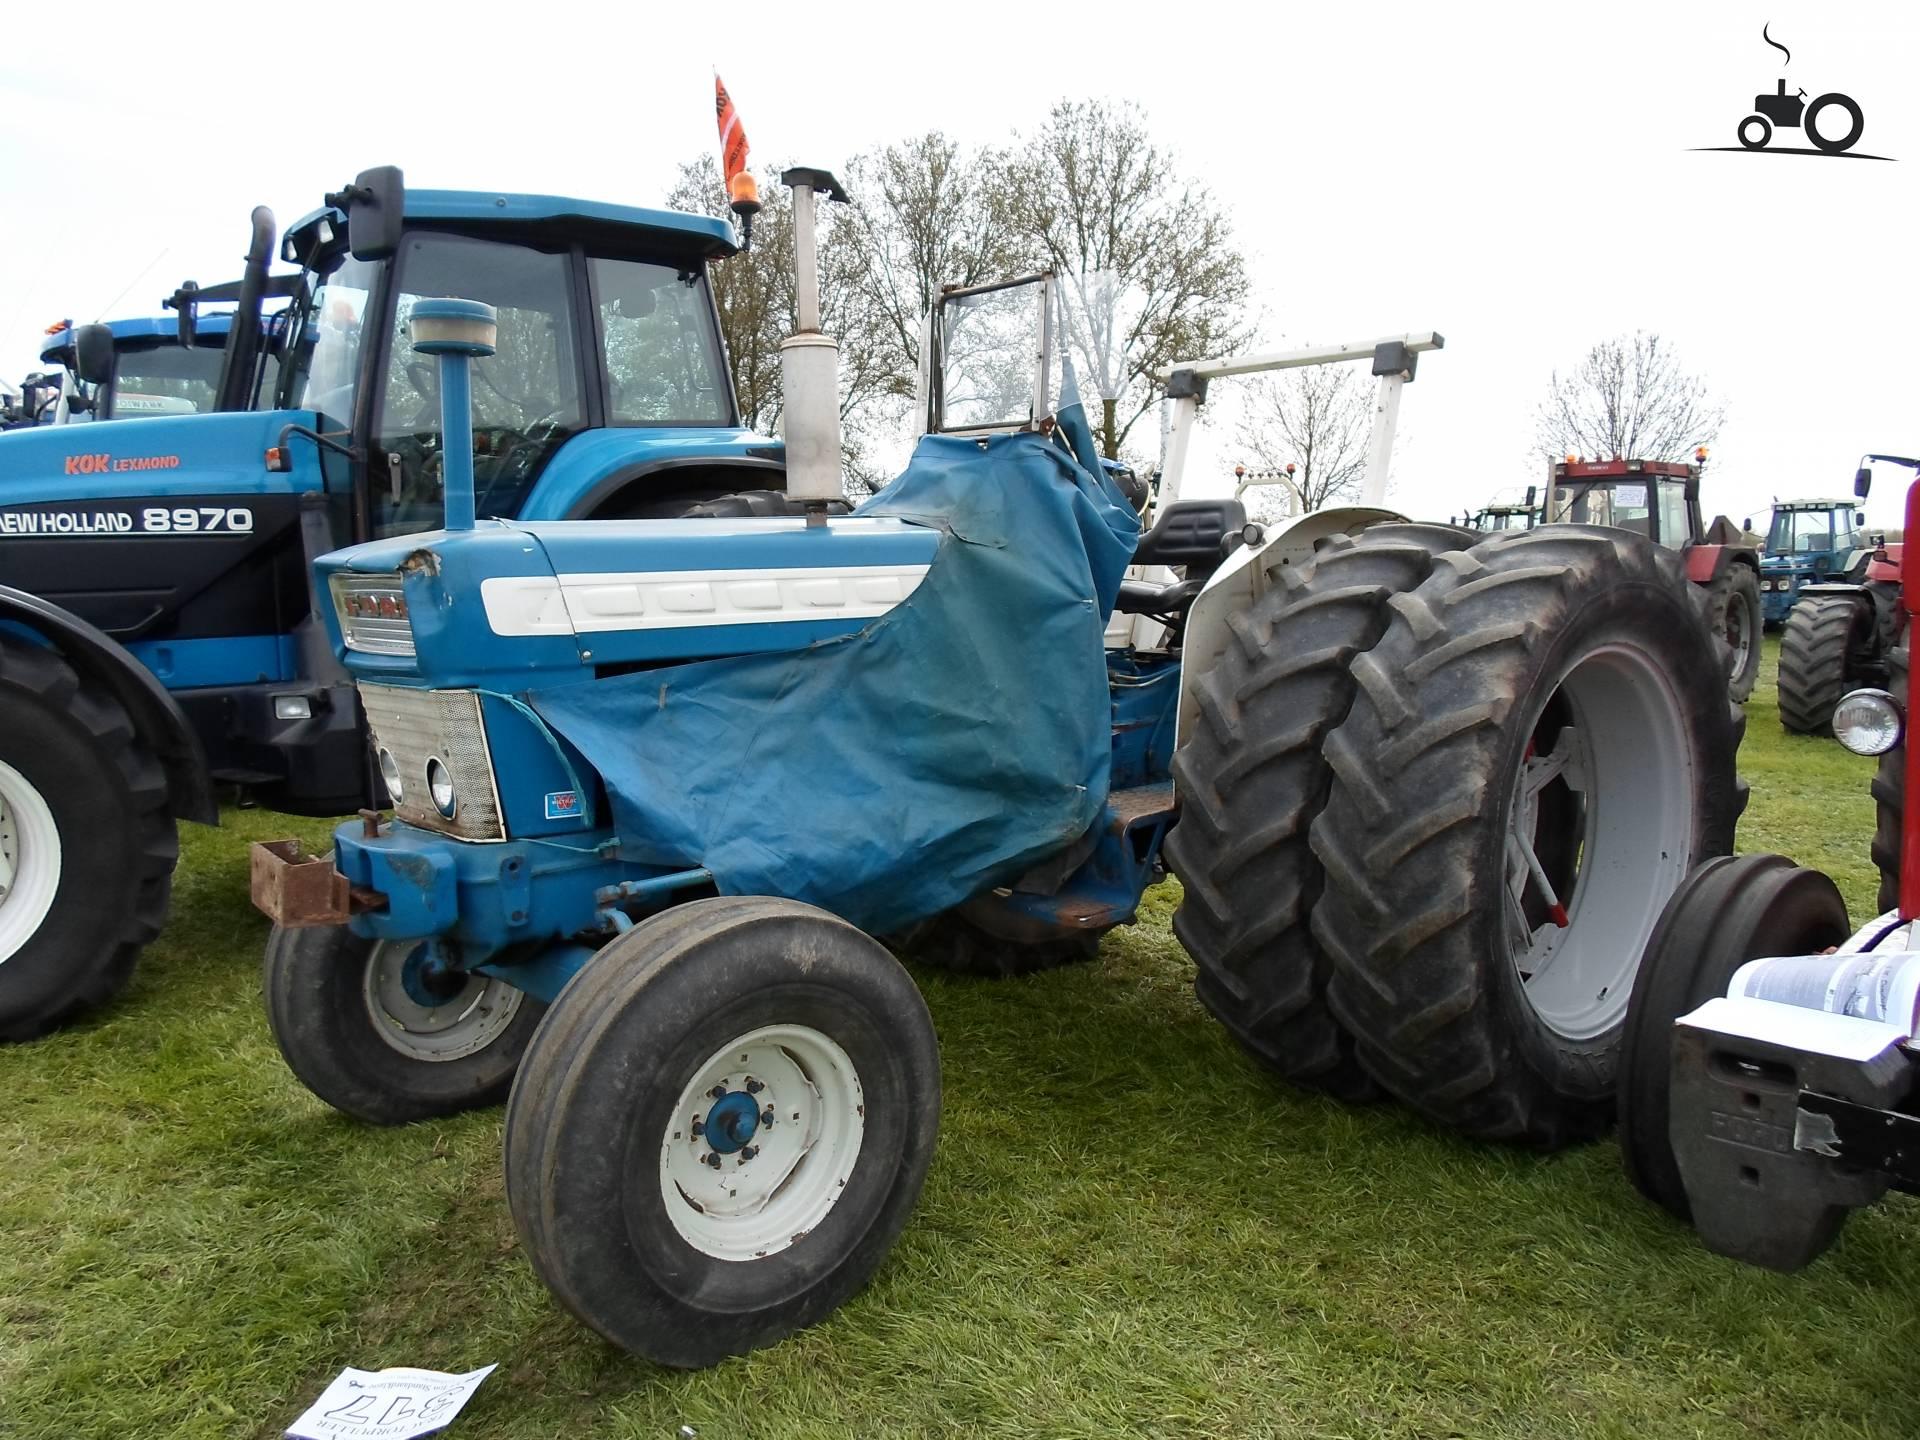 Ford Tractor 5000 Series John Deere 4600 Wiring Diagram Diesel Download